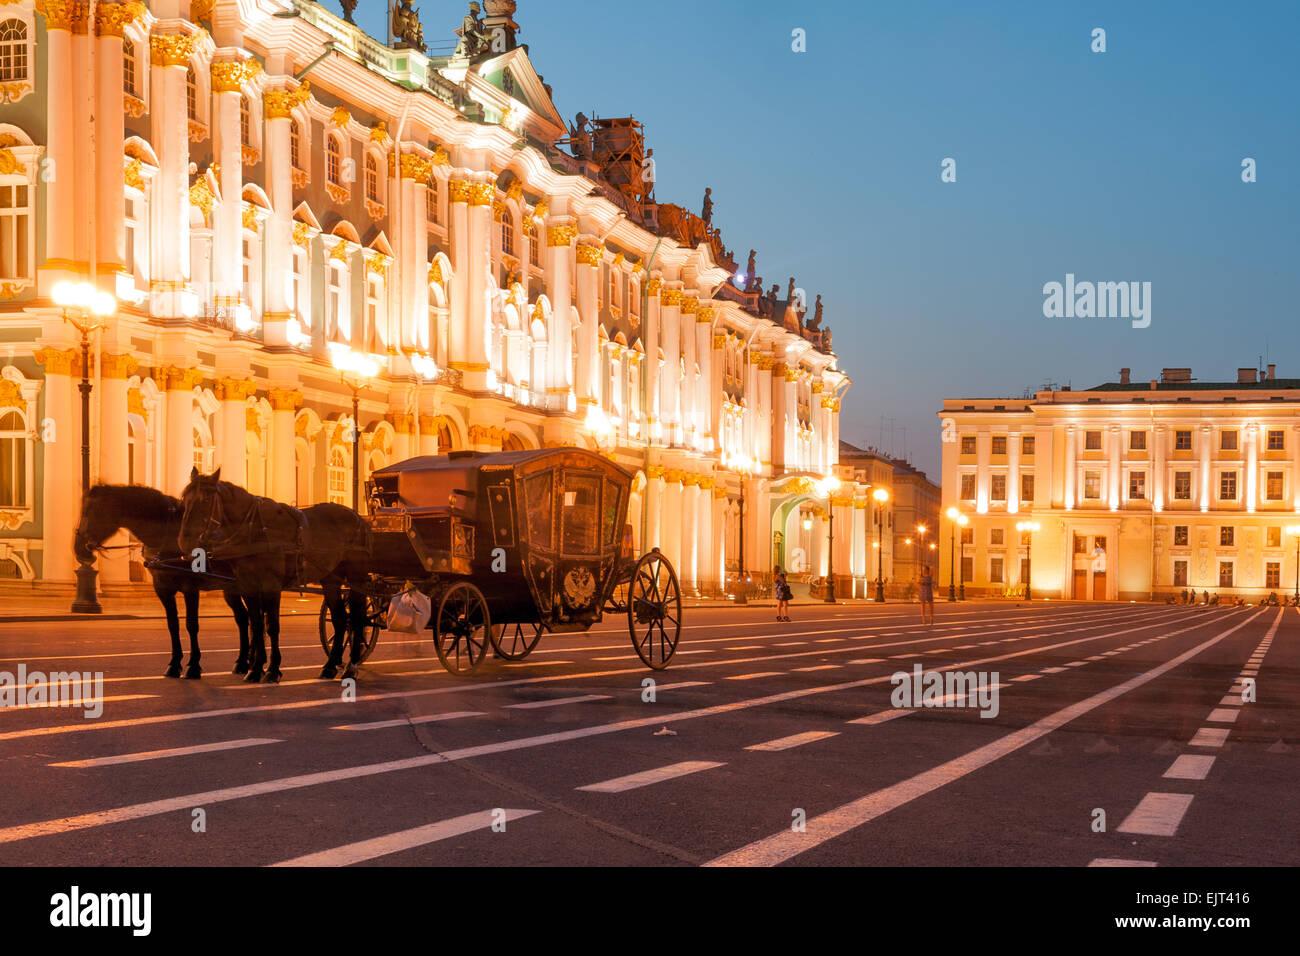 Coche de caballos por el palacio de invierno en la plaza del palacio, San Petersburgo, Rusia Imagen De Stock